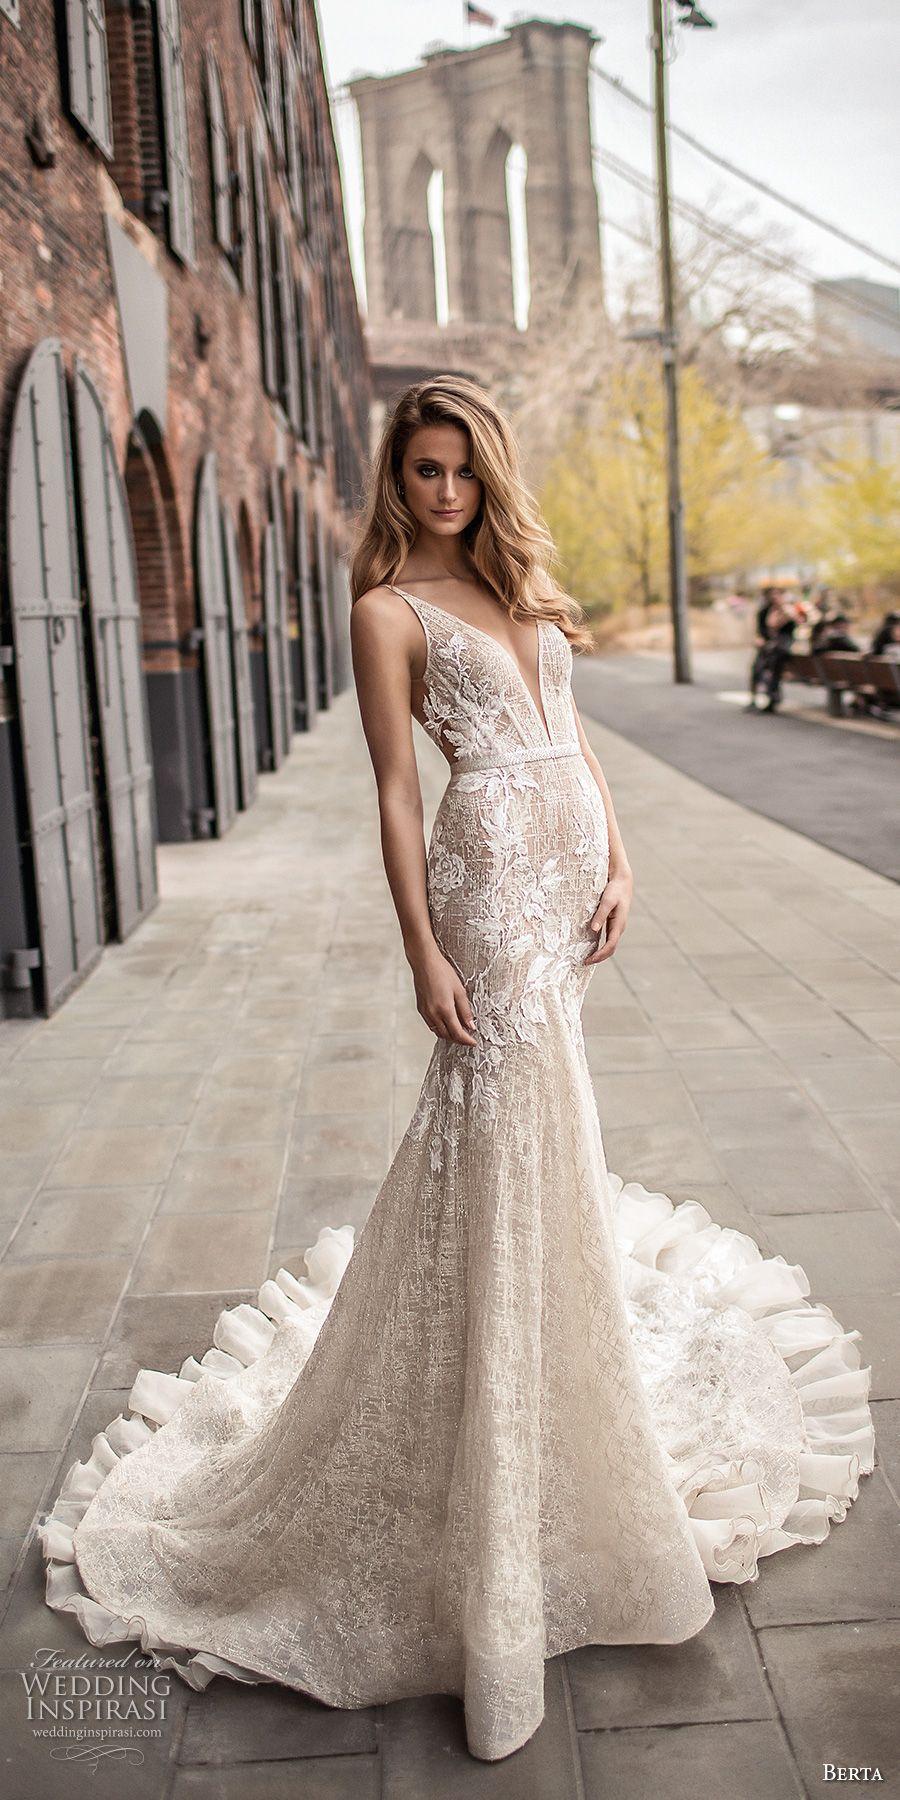 Berta spring bridal sleeveless deep plunging v neckline full